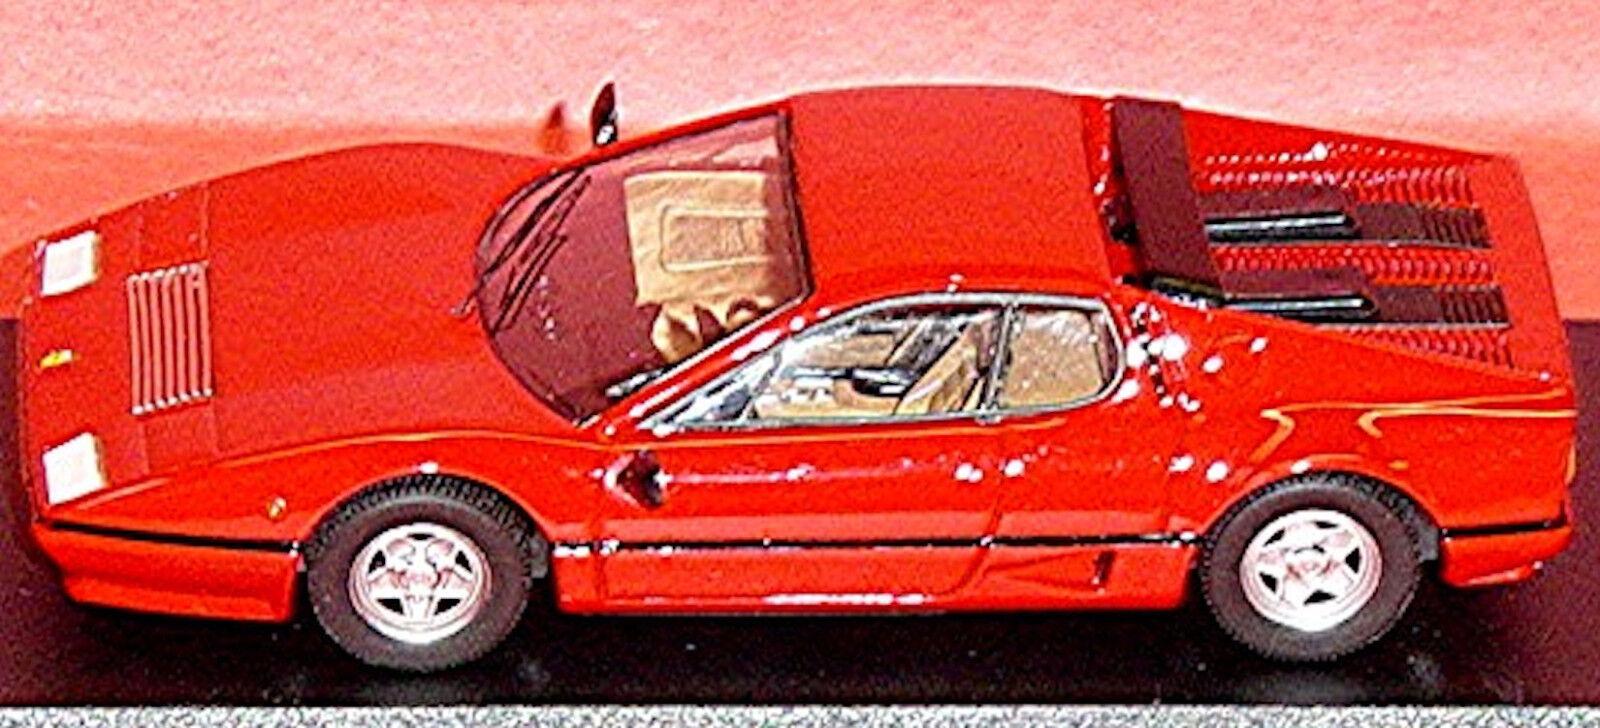 Concours de souliers fou de Noël Ferrari Ferrari Ferrari 512BB COUPÉ 1976-84 ROUGE ROUGE 1:43 meilleur 824e28